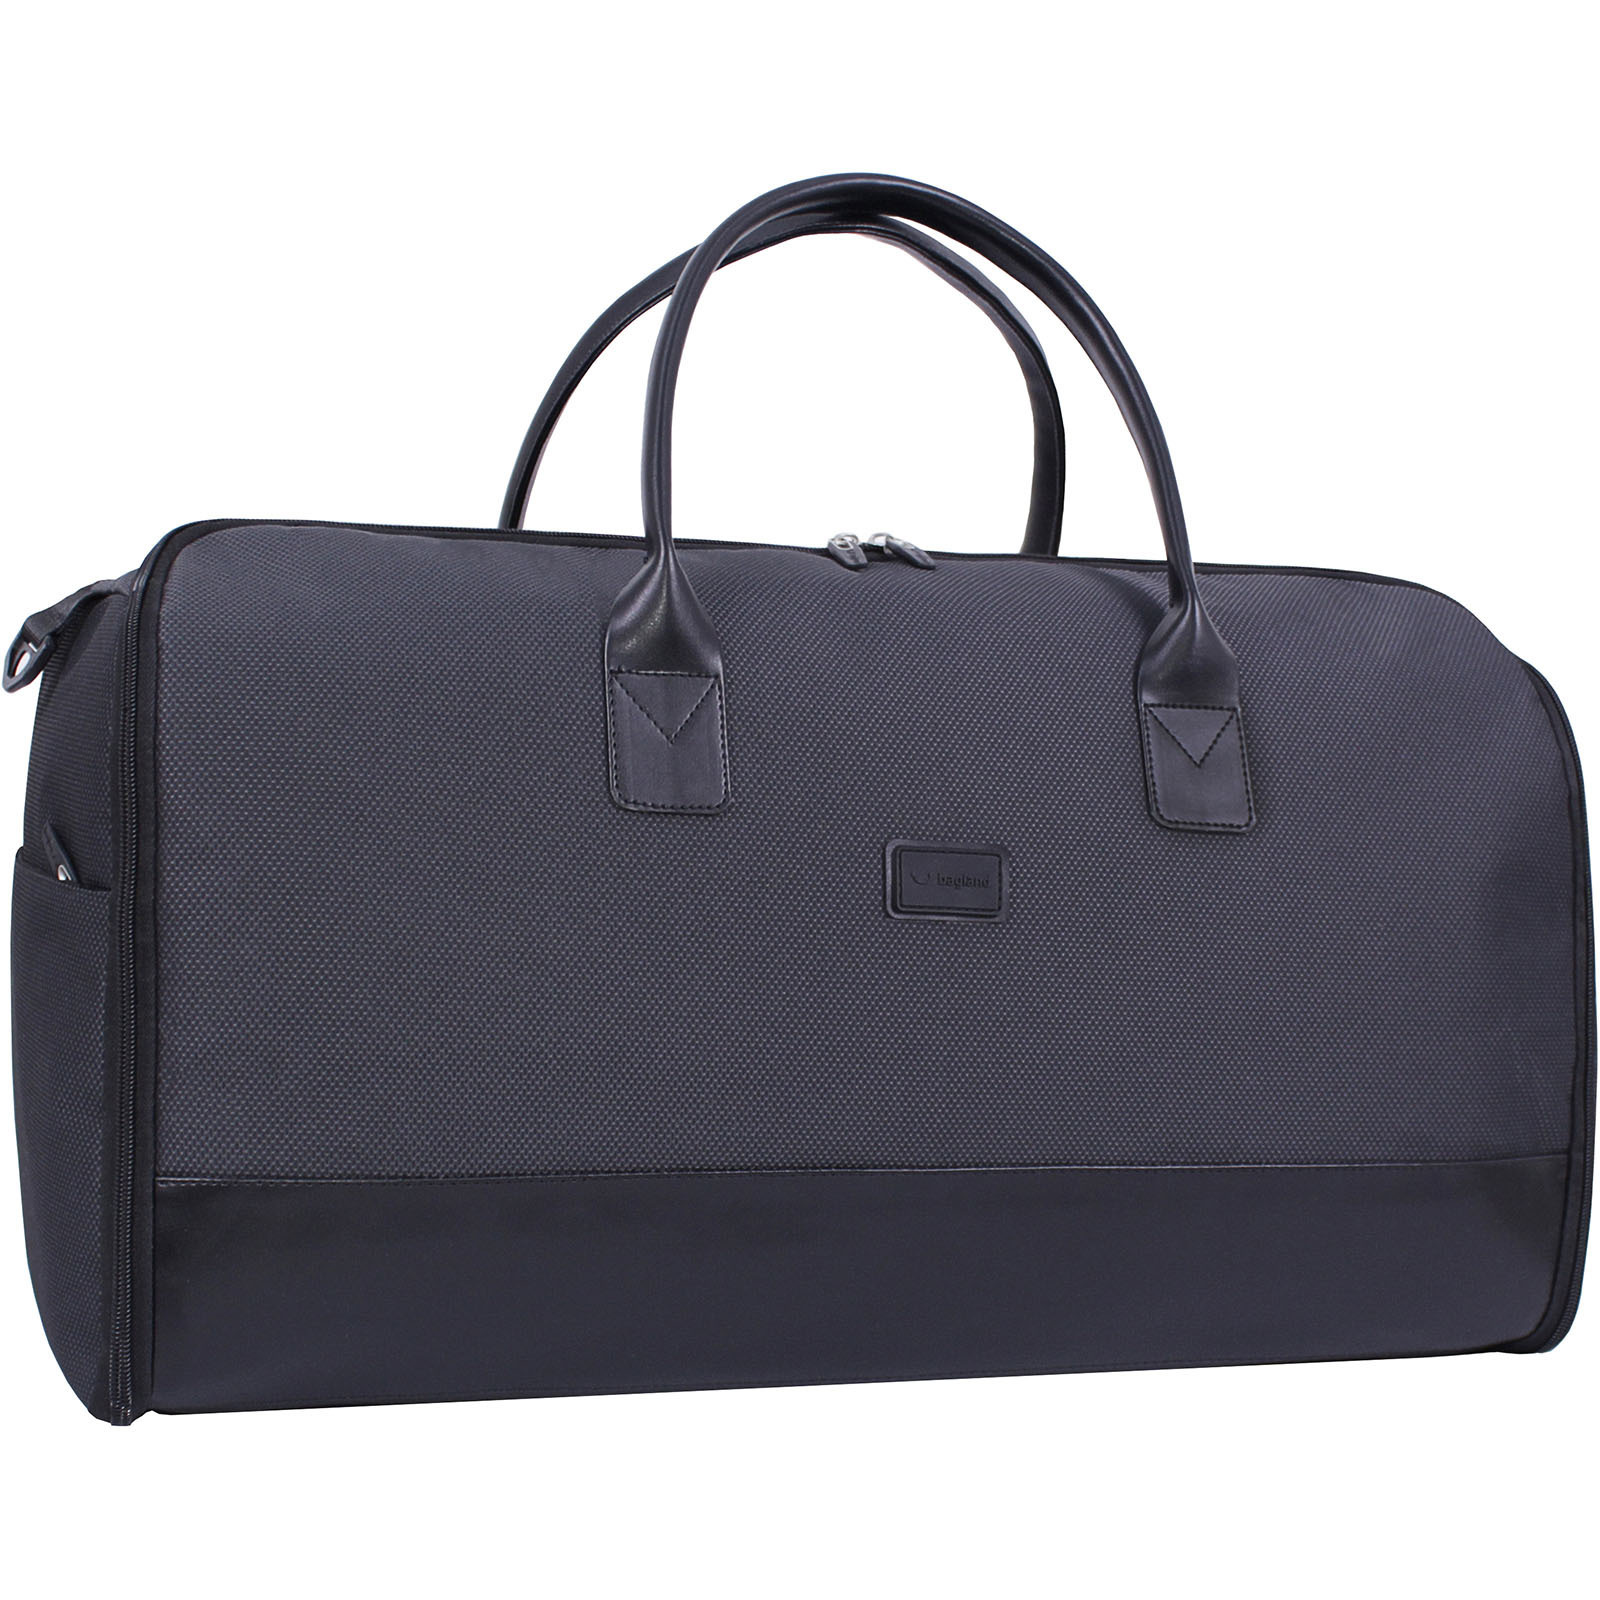 Дорожные сумки Сумка Bagland Trip 57 л. Черный (00381169) IMG_0330.JPG